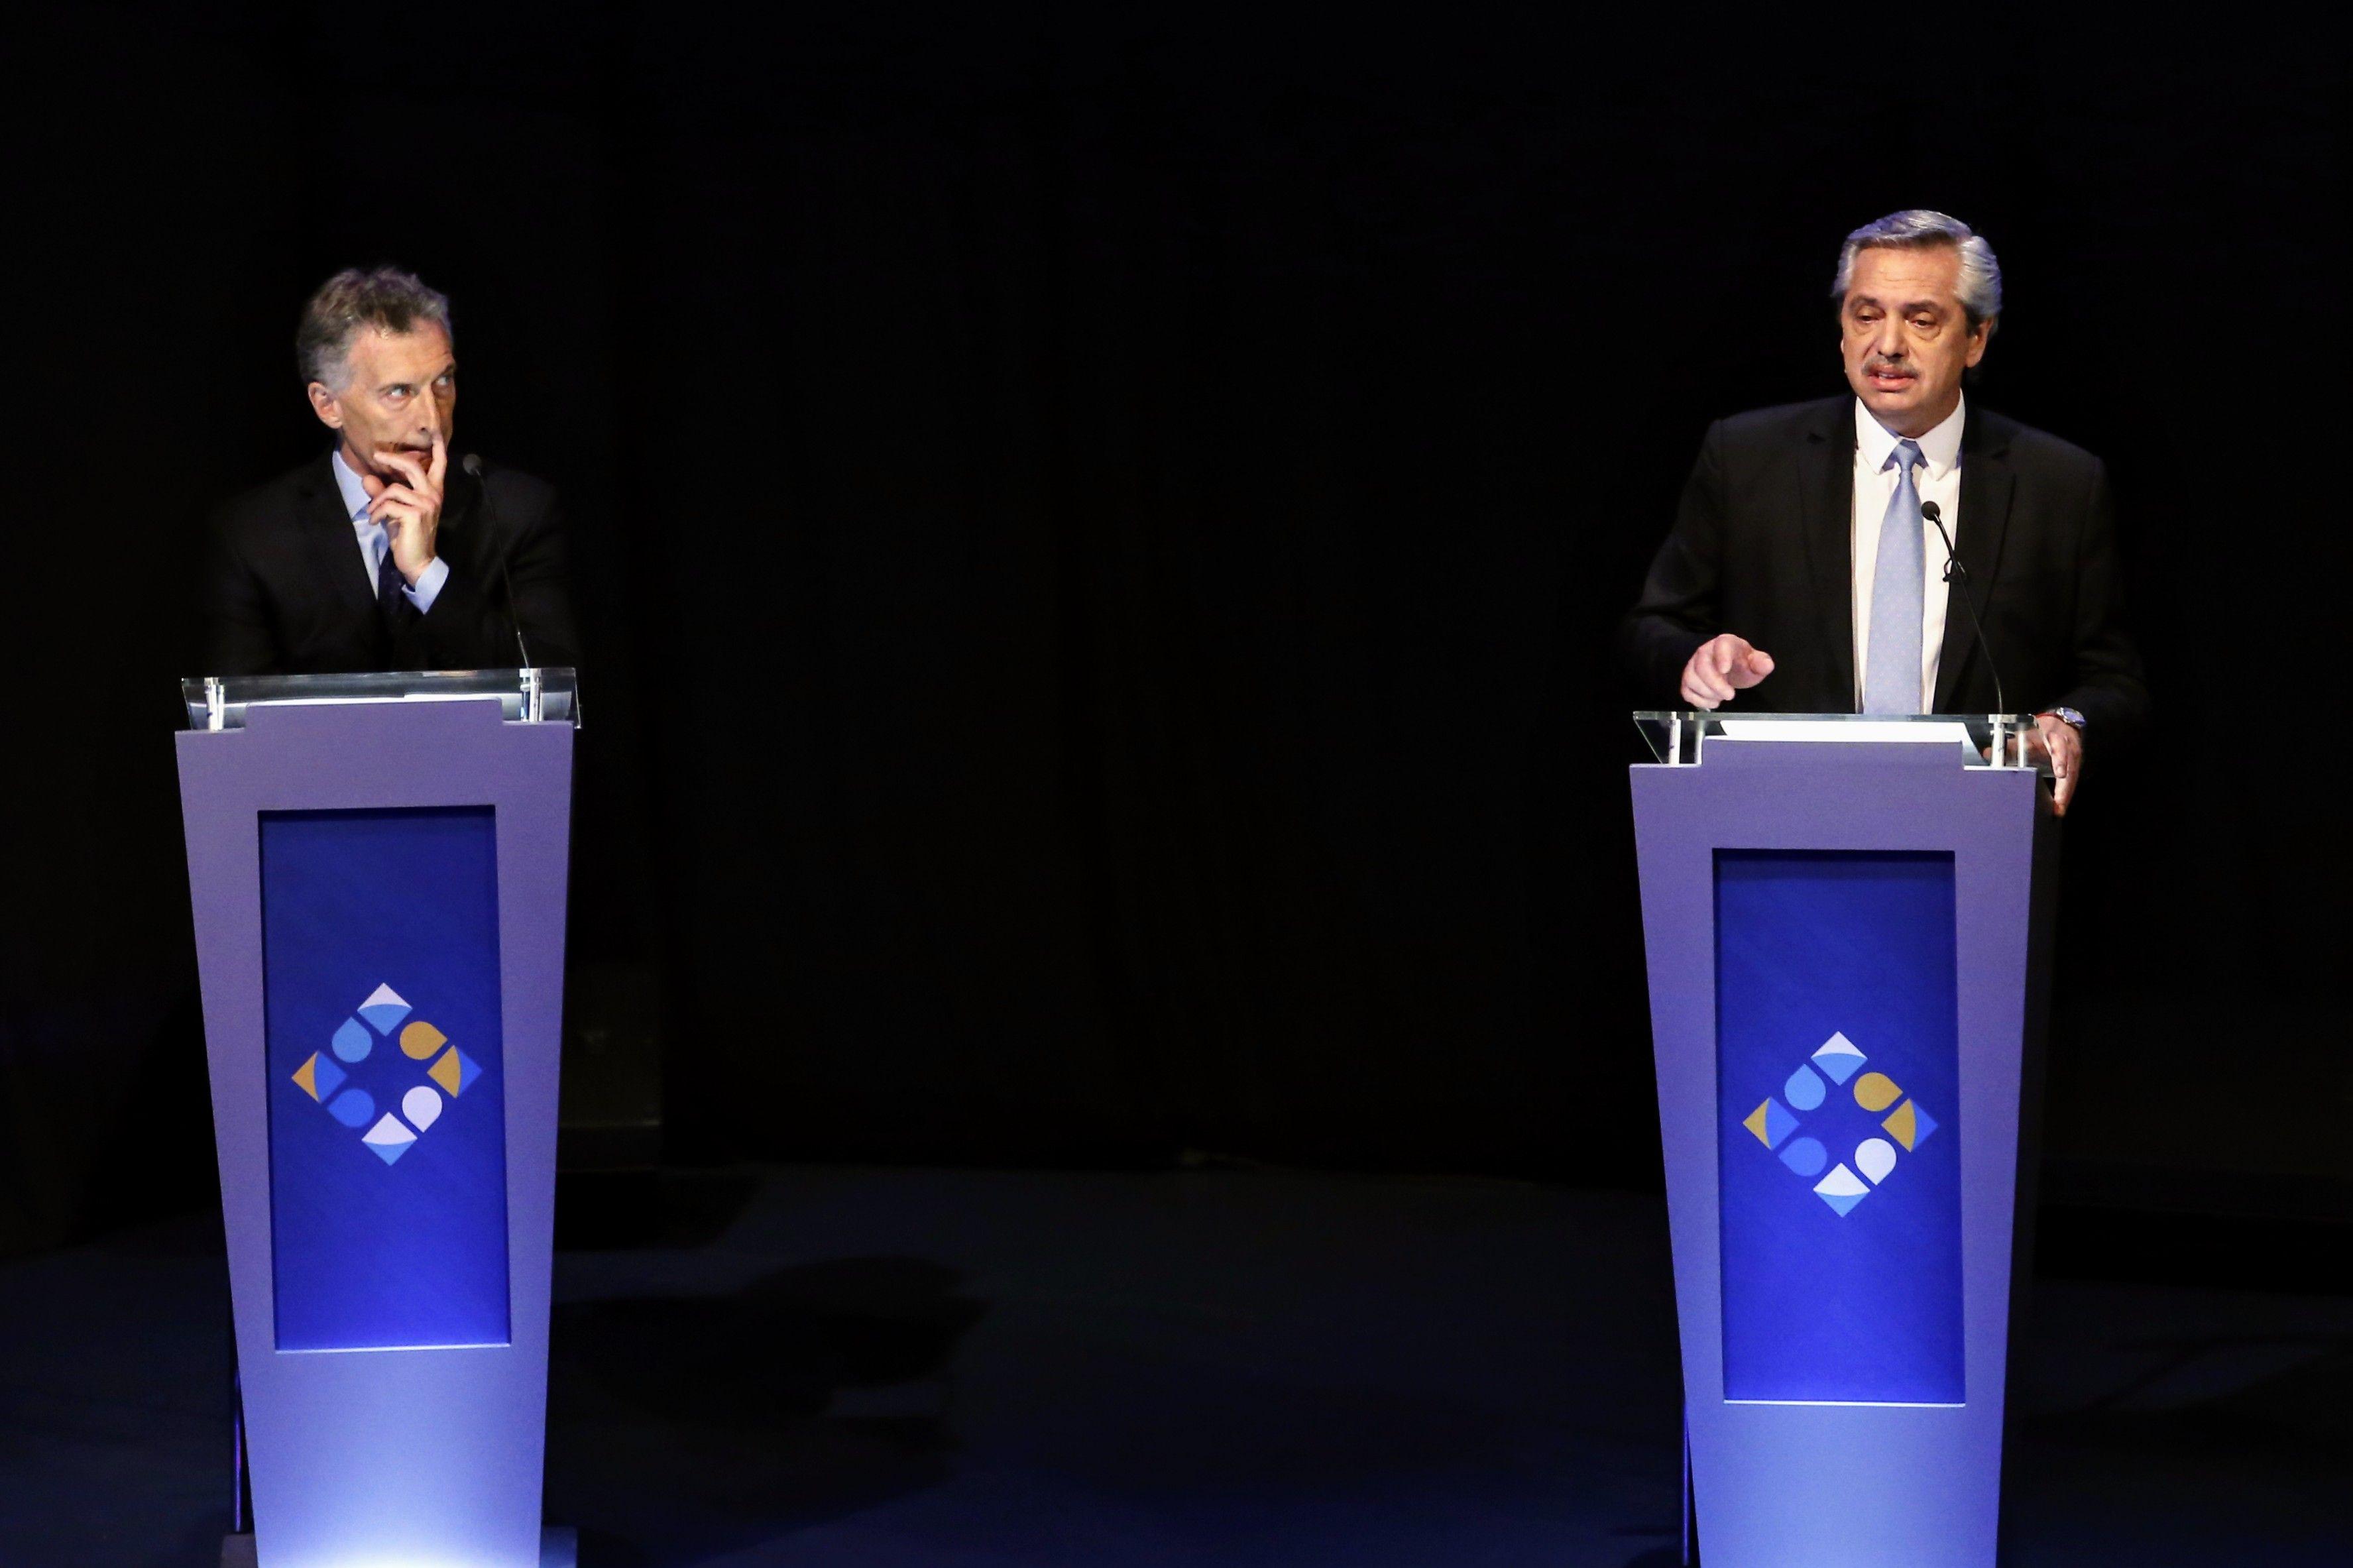 Macri-Alberto, el debate dentro del debate que subió de tono a una semana de las elecciones